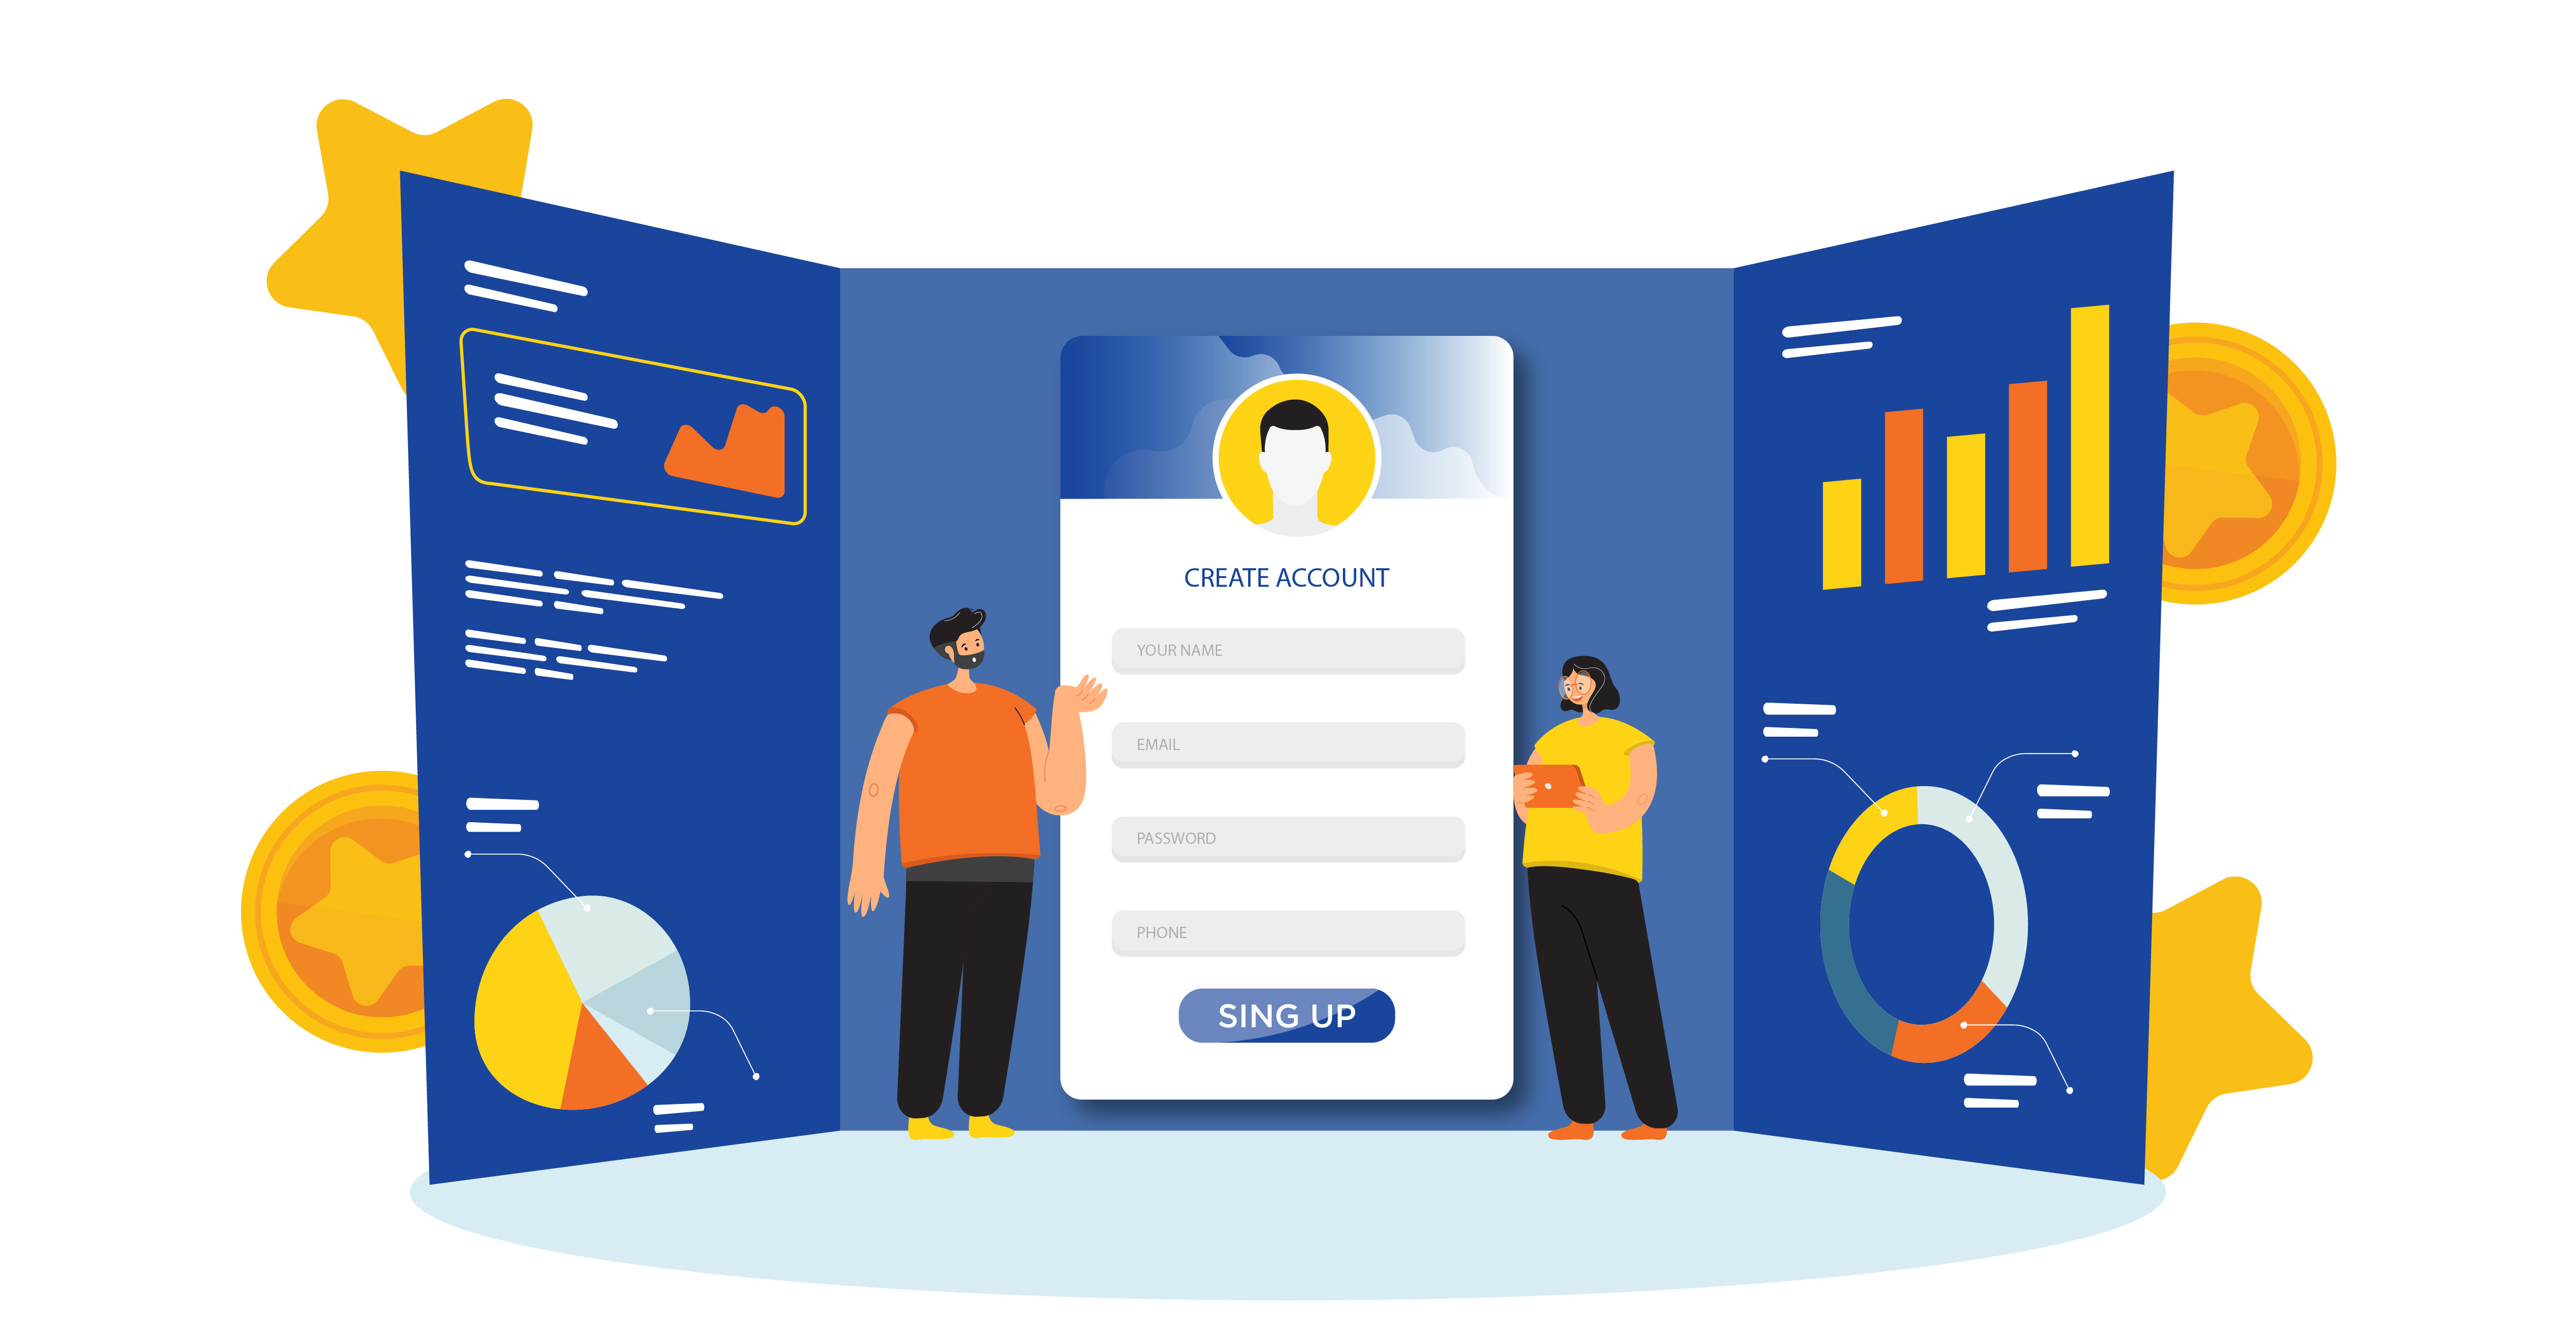 Jalin hubungan dengan pelanggan melalui membership program